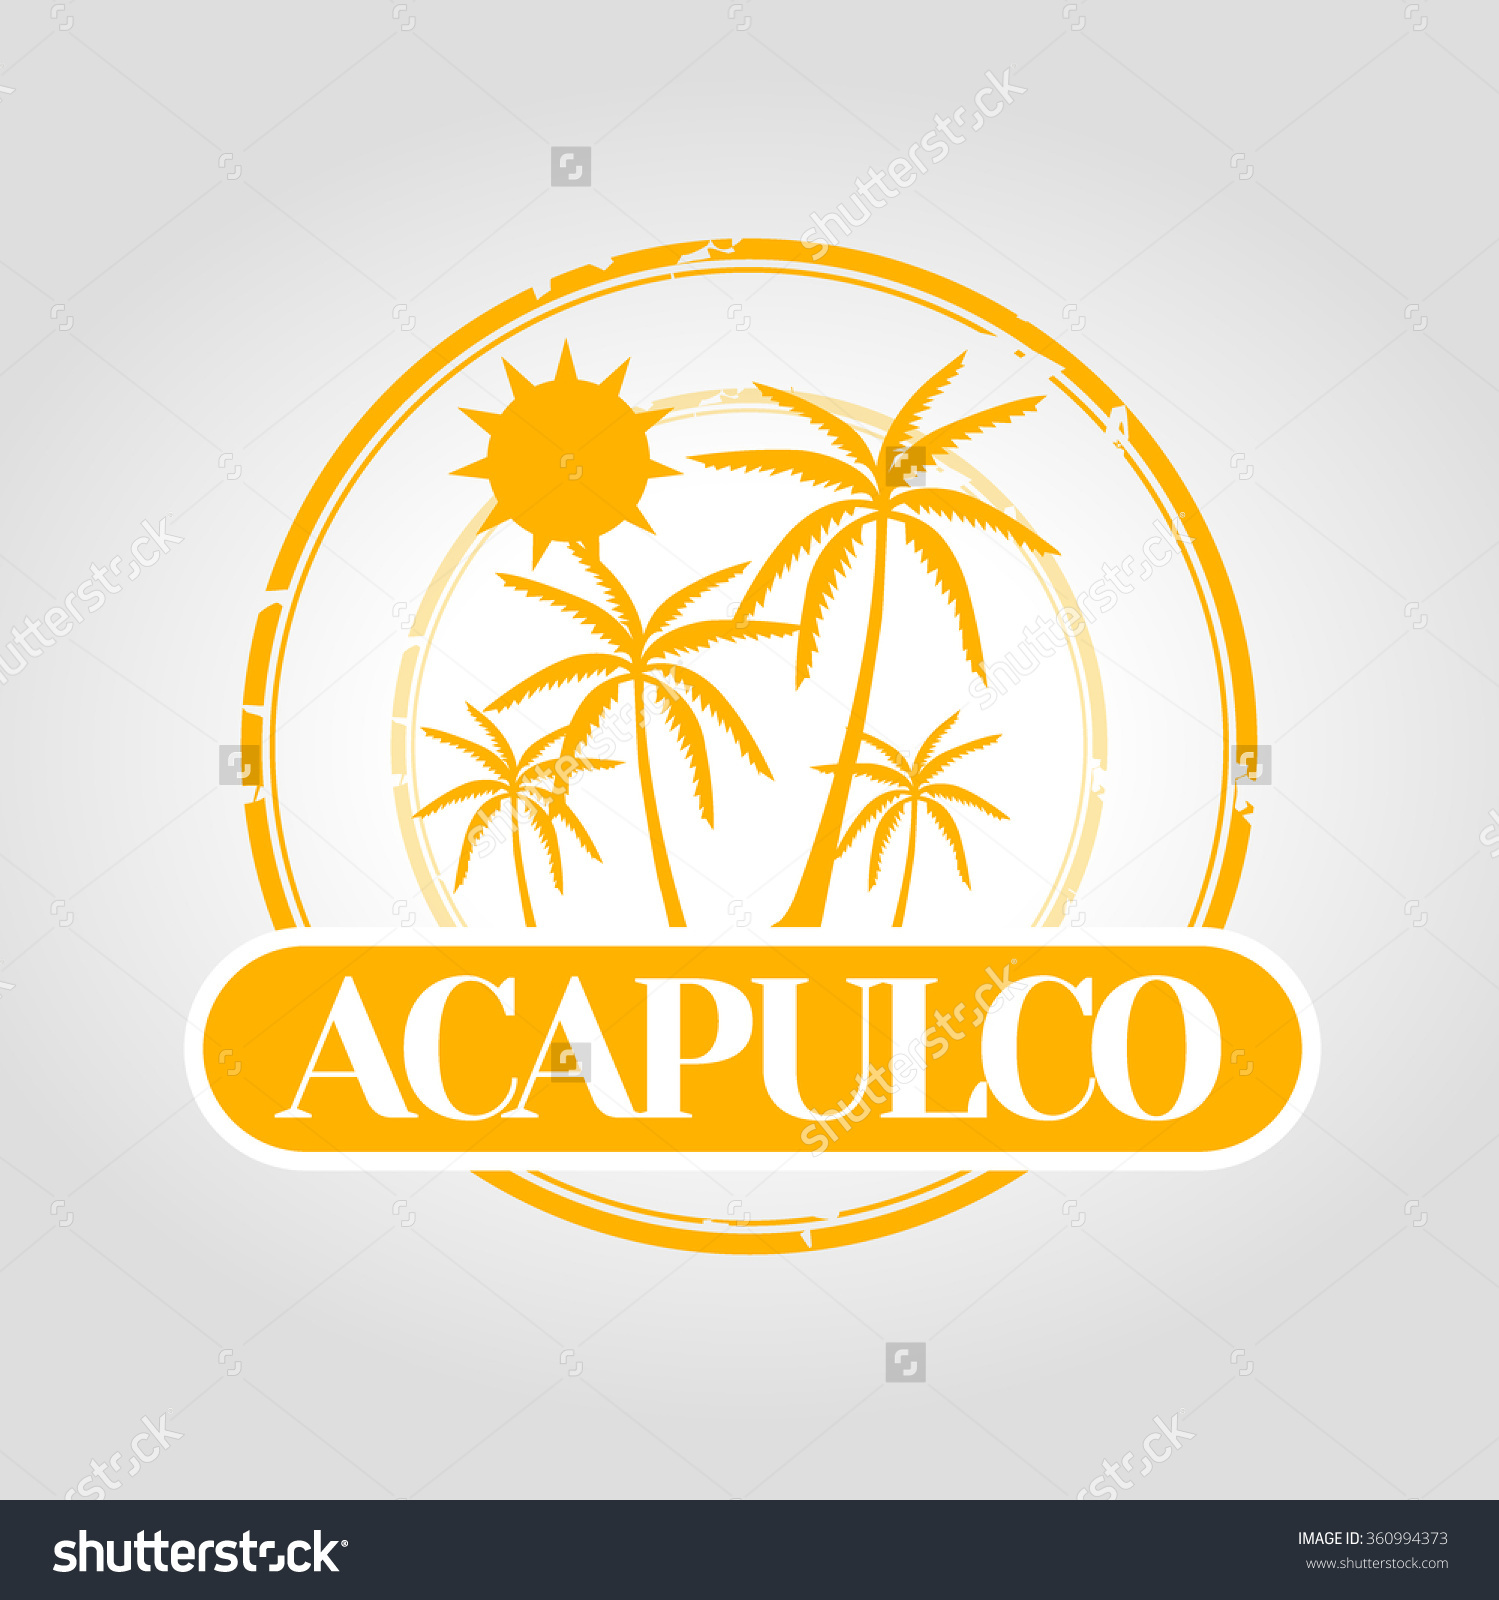 Acapulco clipart.